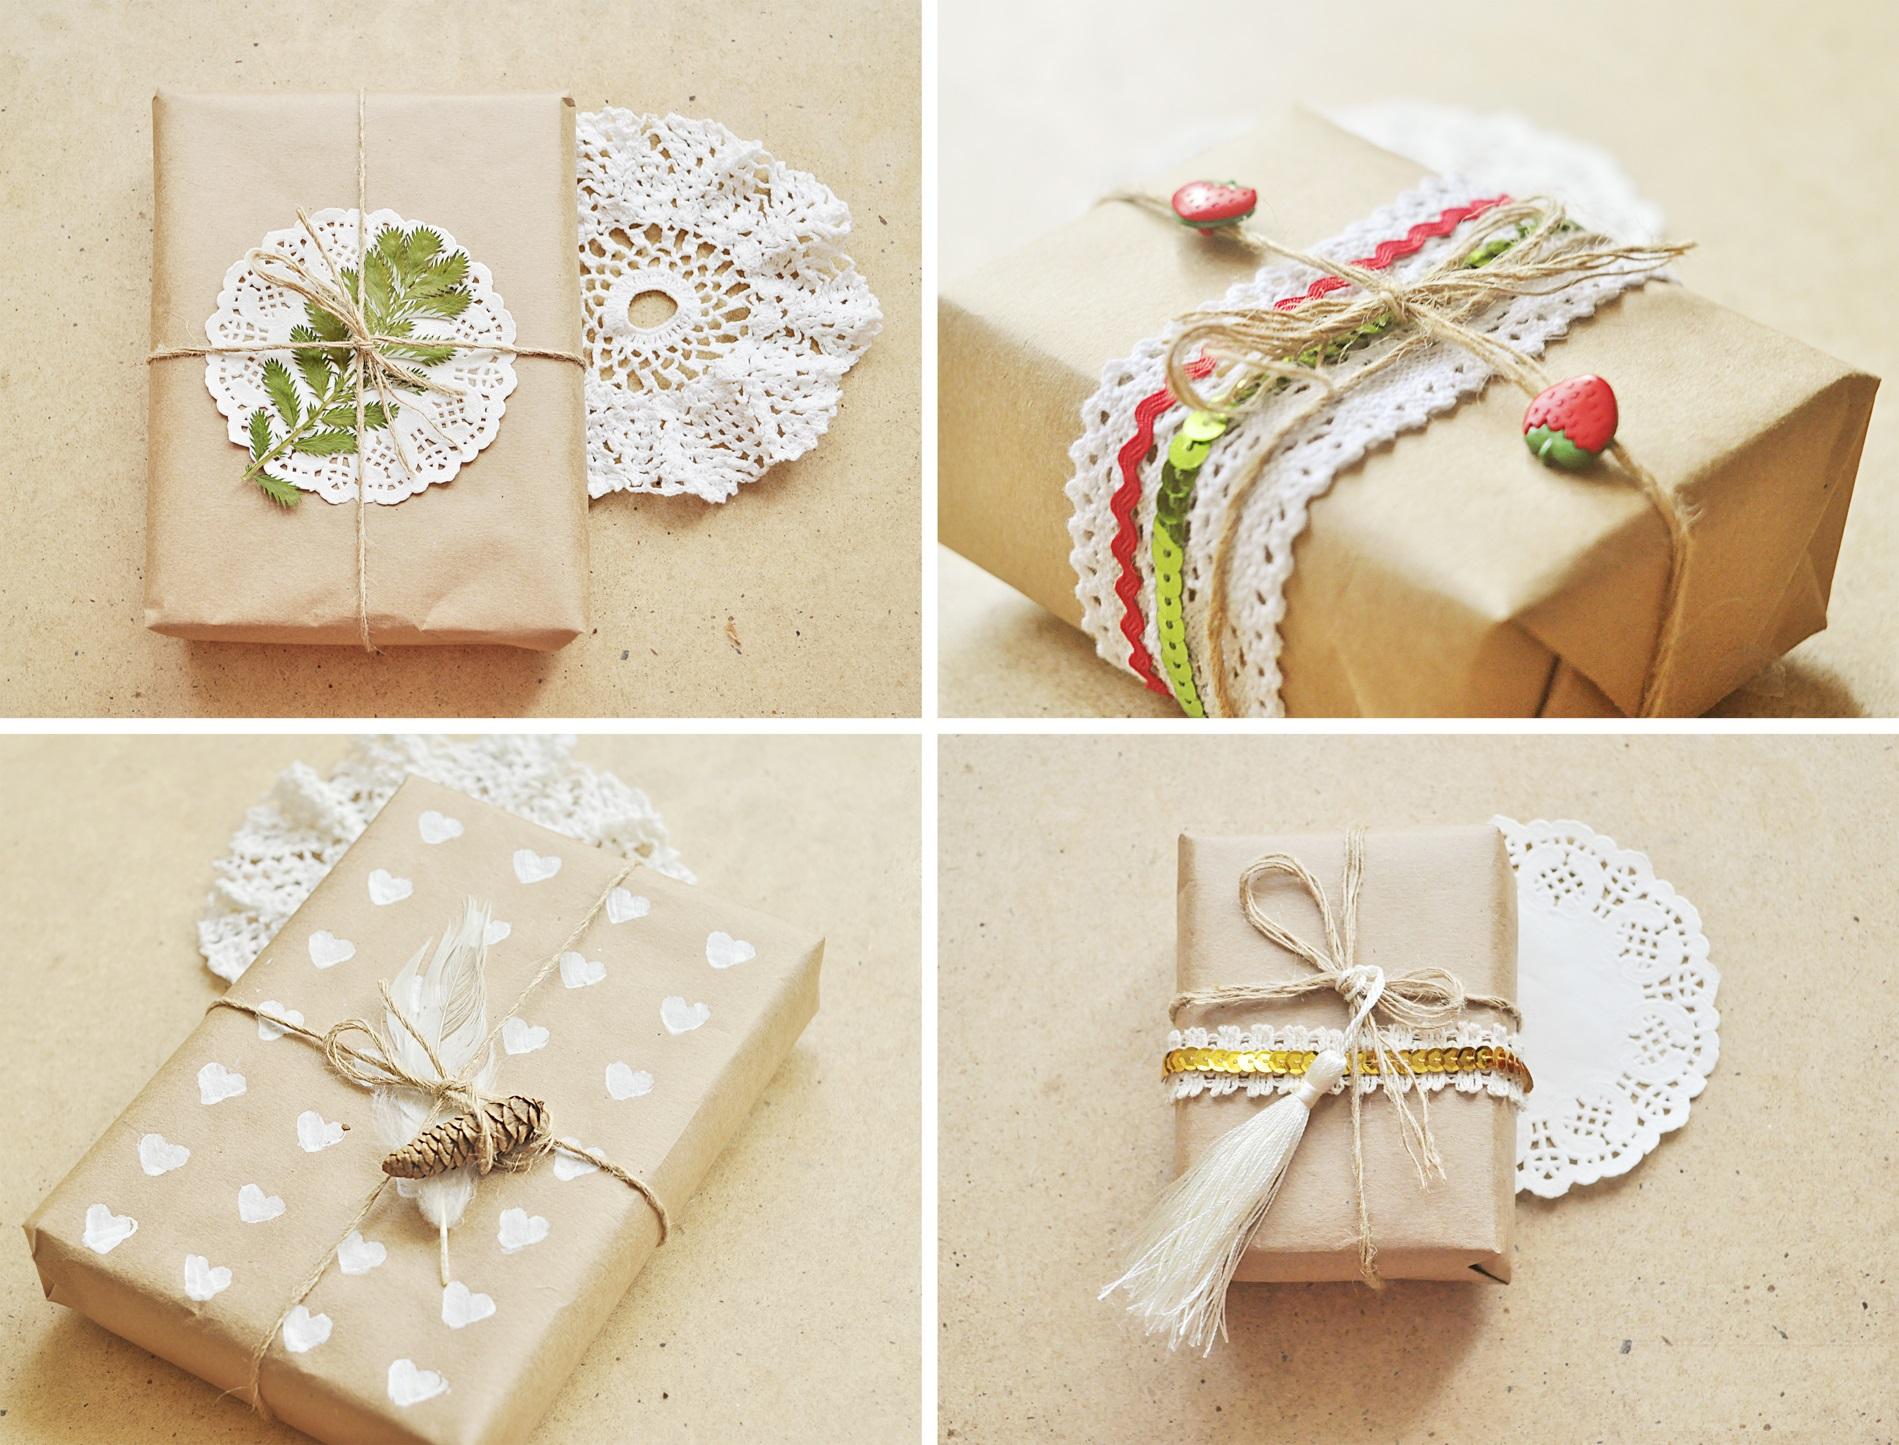 Оформление подарков бумагой и декором